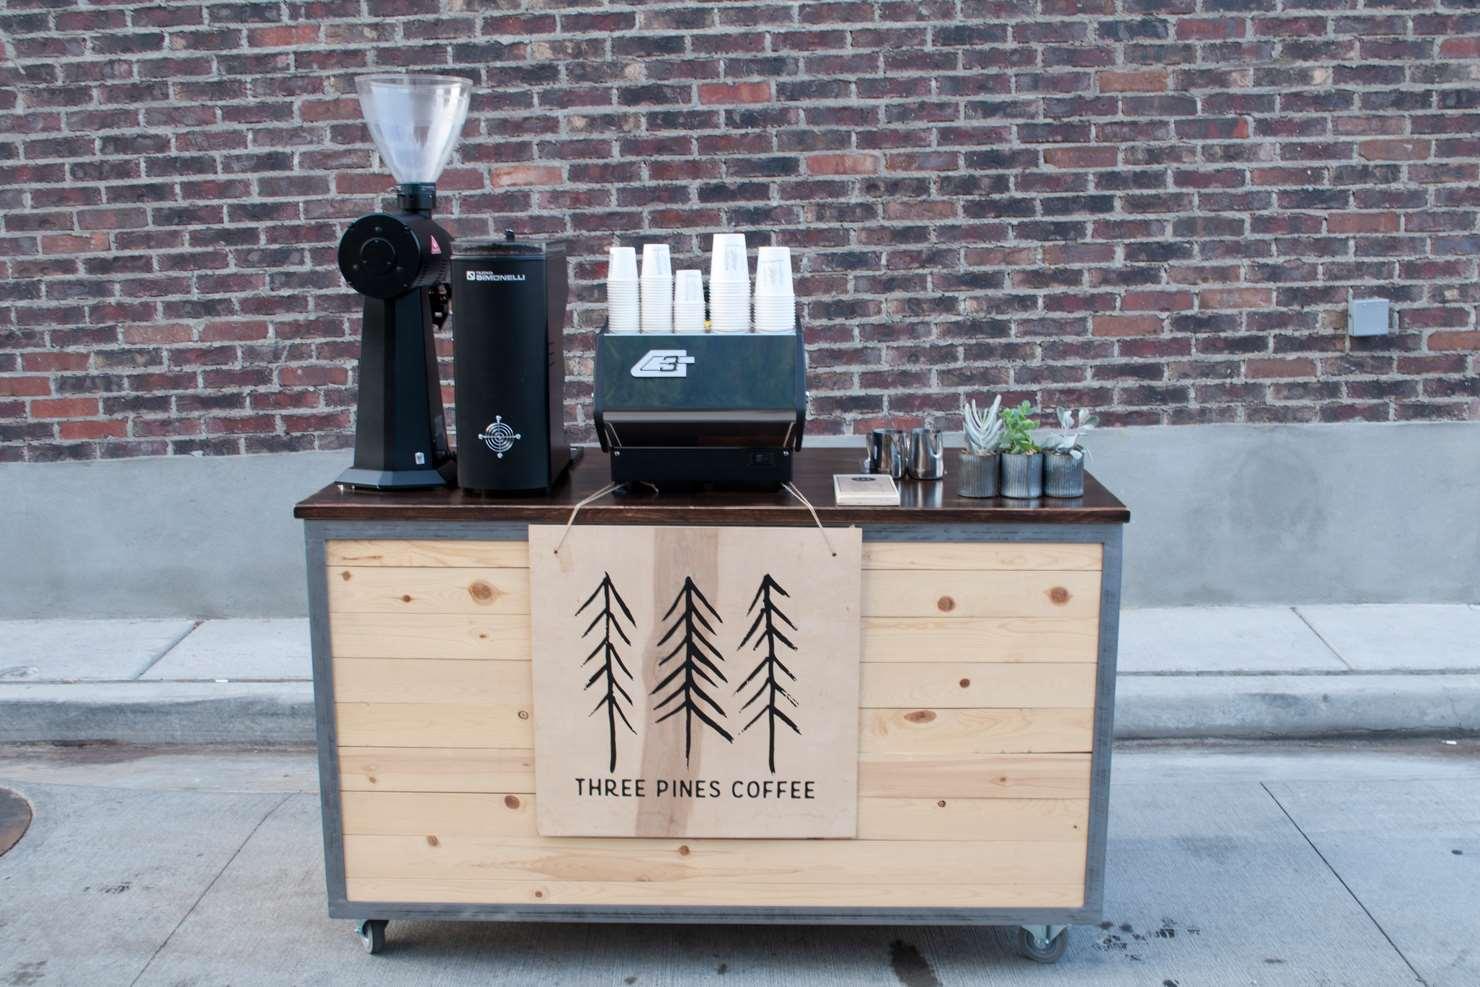 ציוד לעסקים - ציוד למסעדות/ בתי קפה